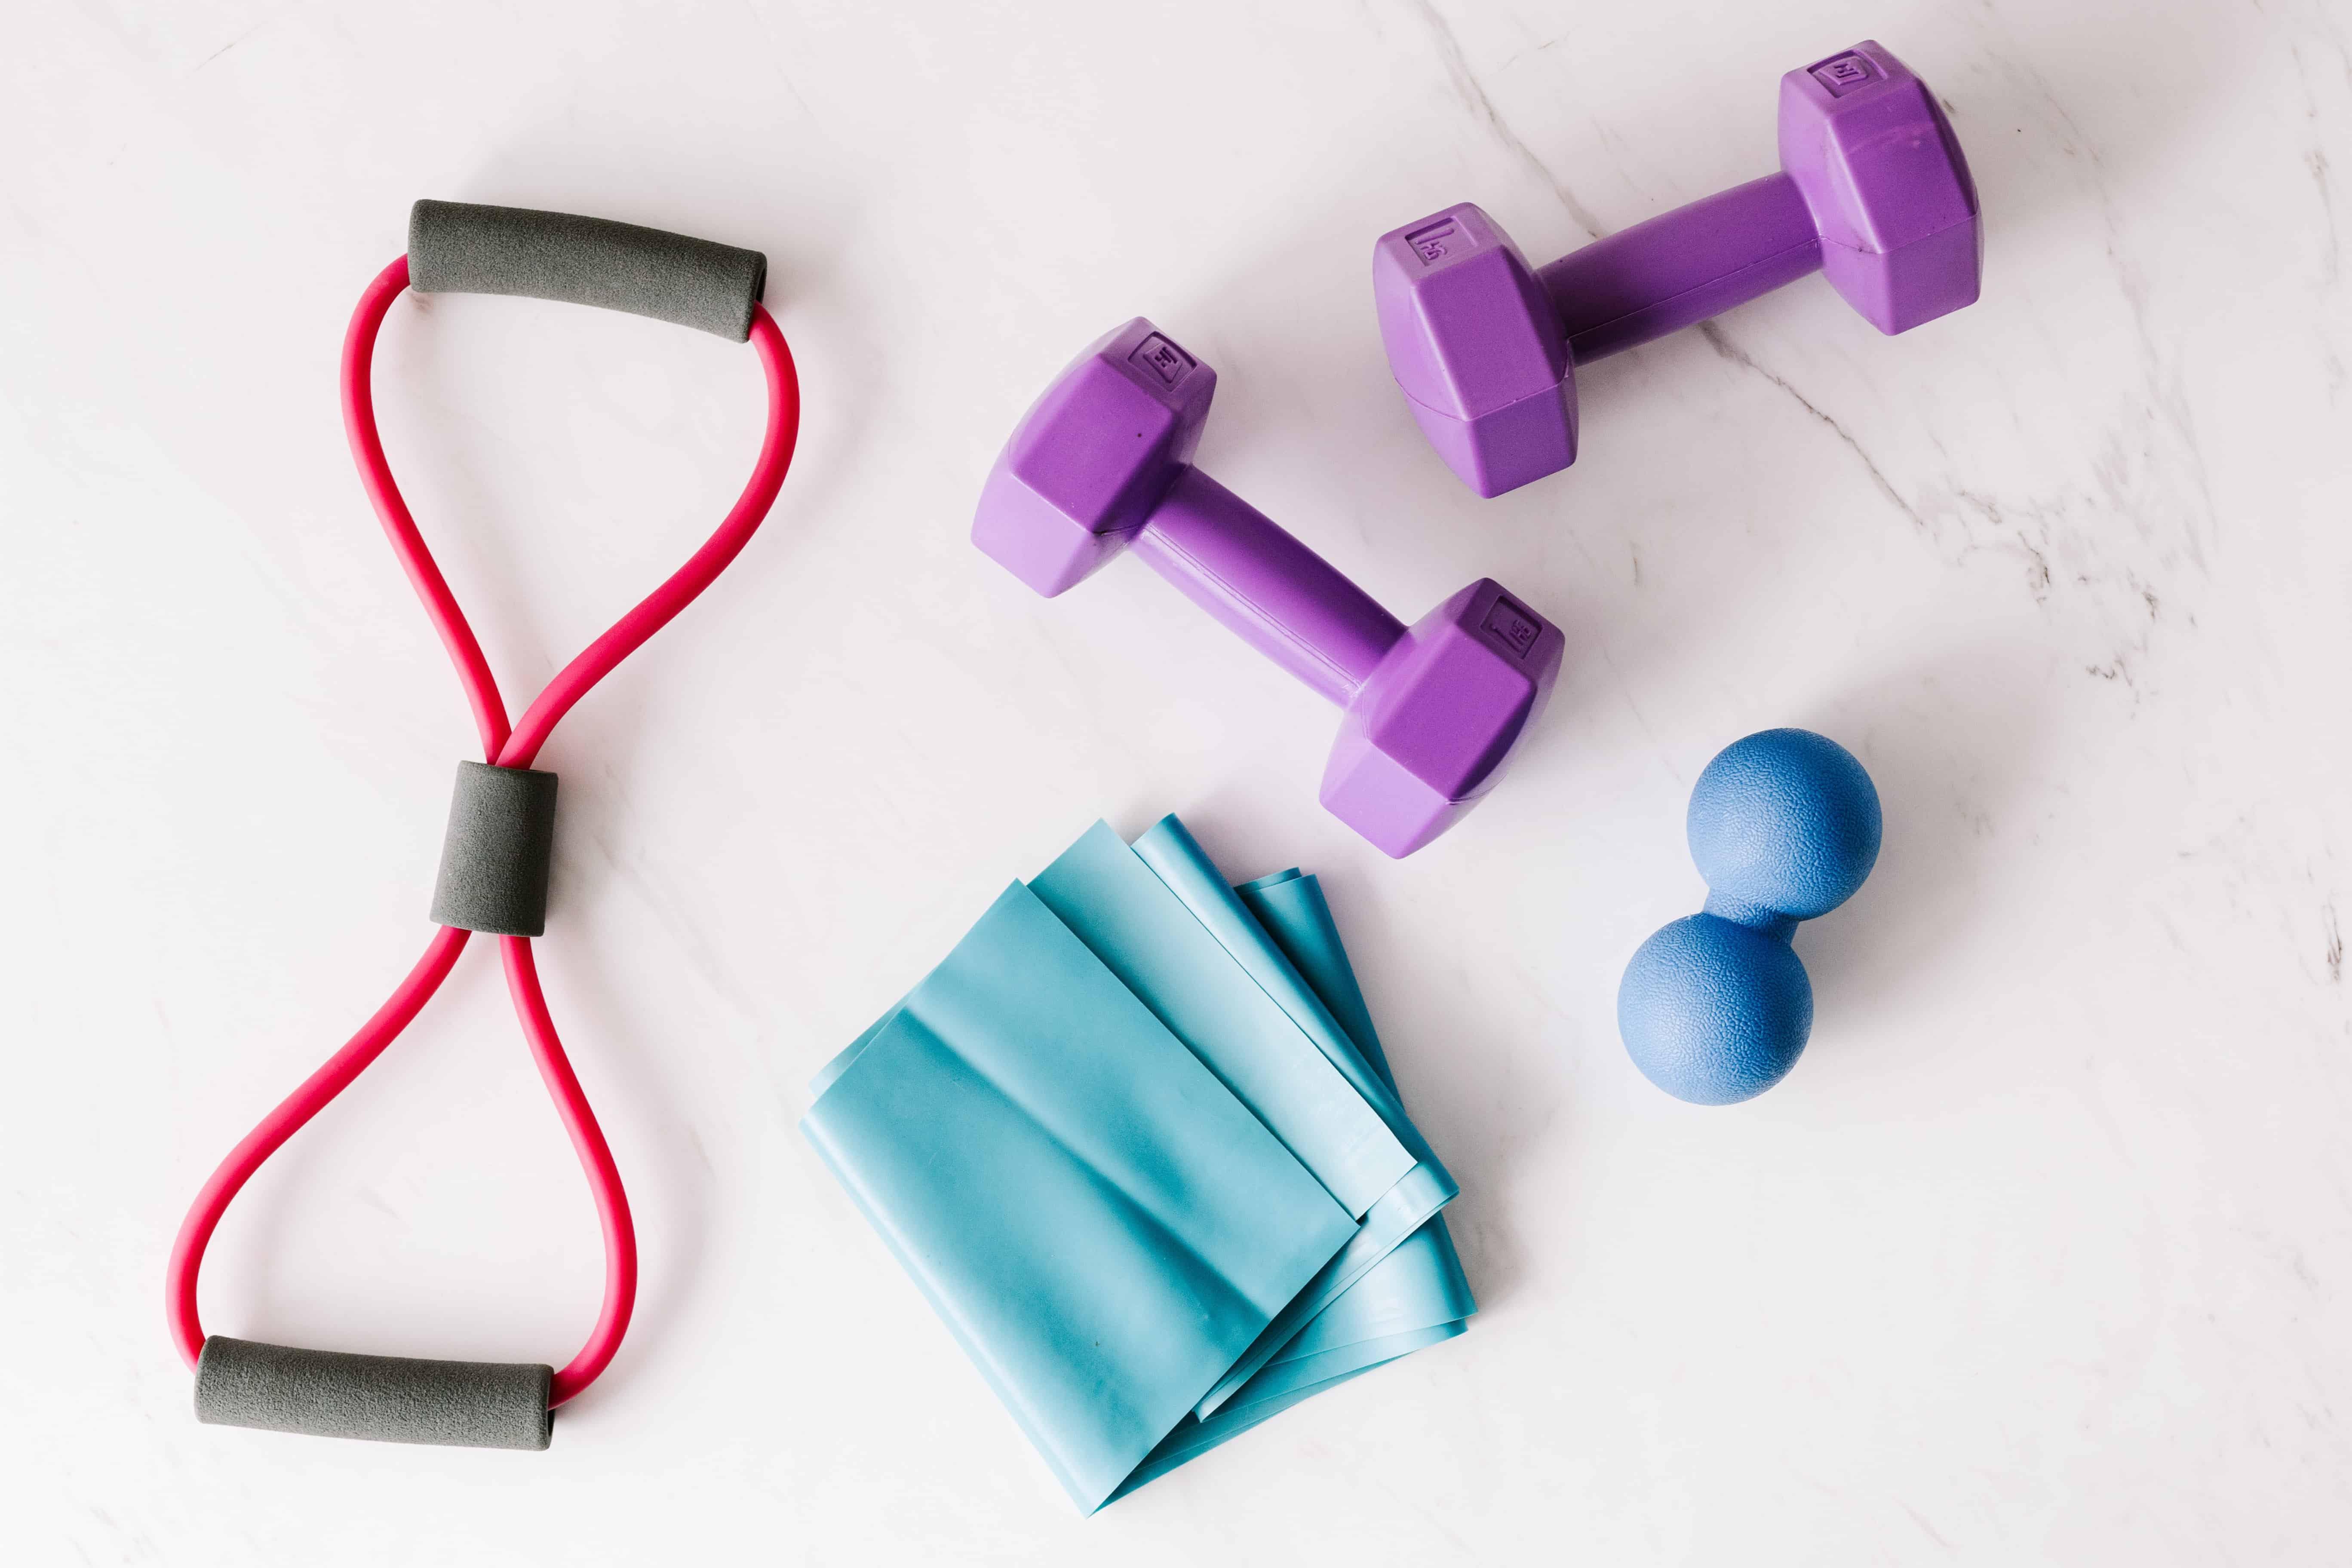 beste fitness spullen voor thuis